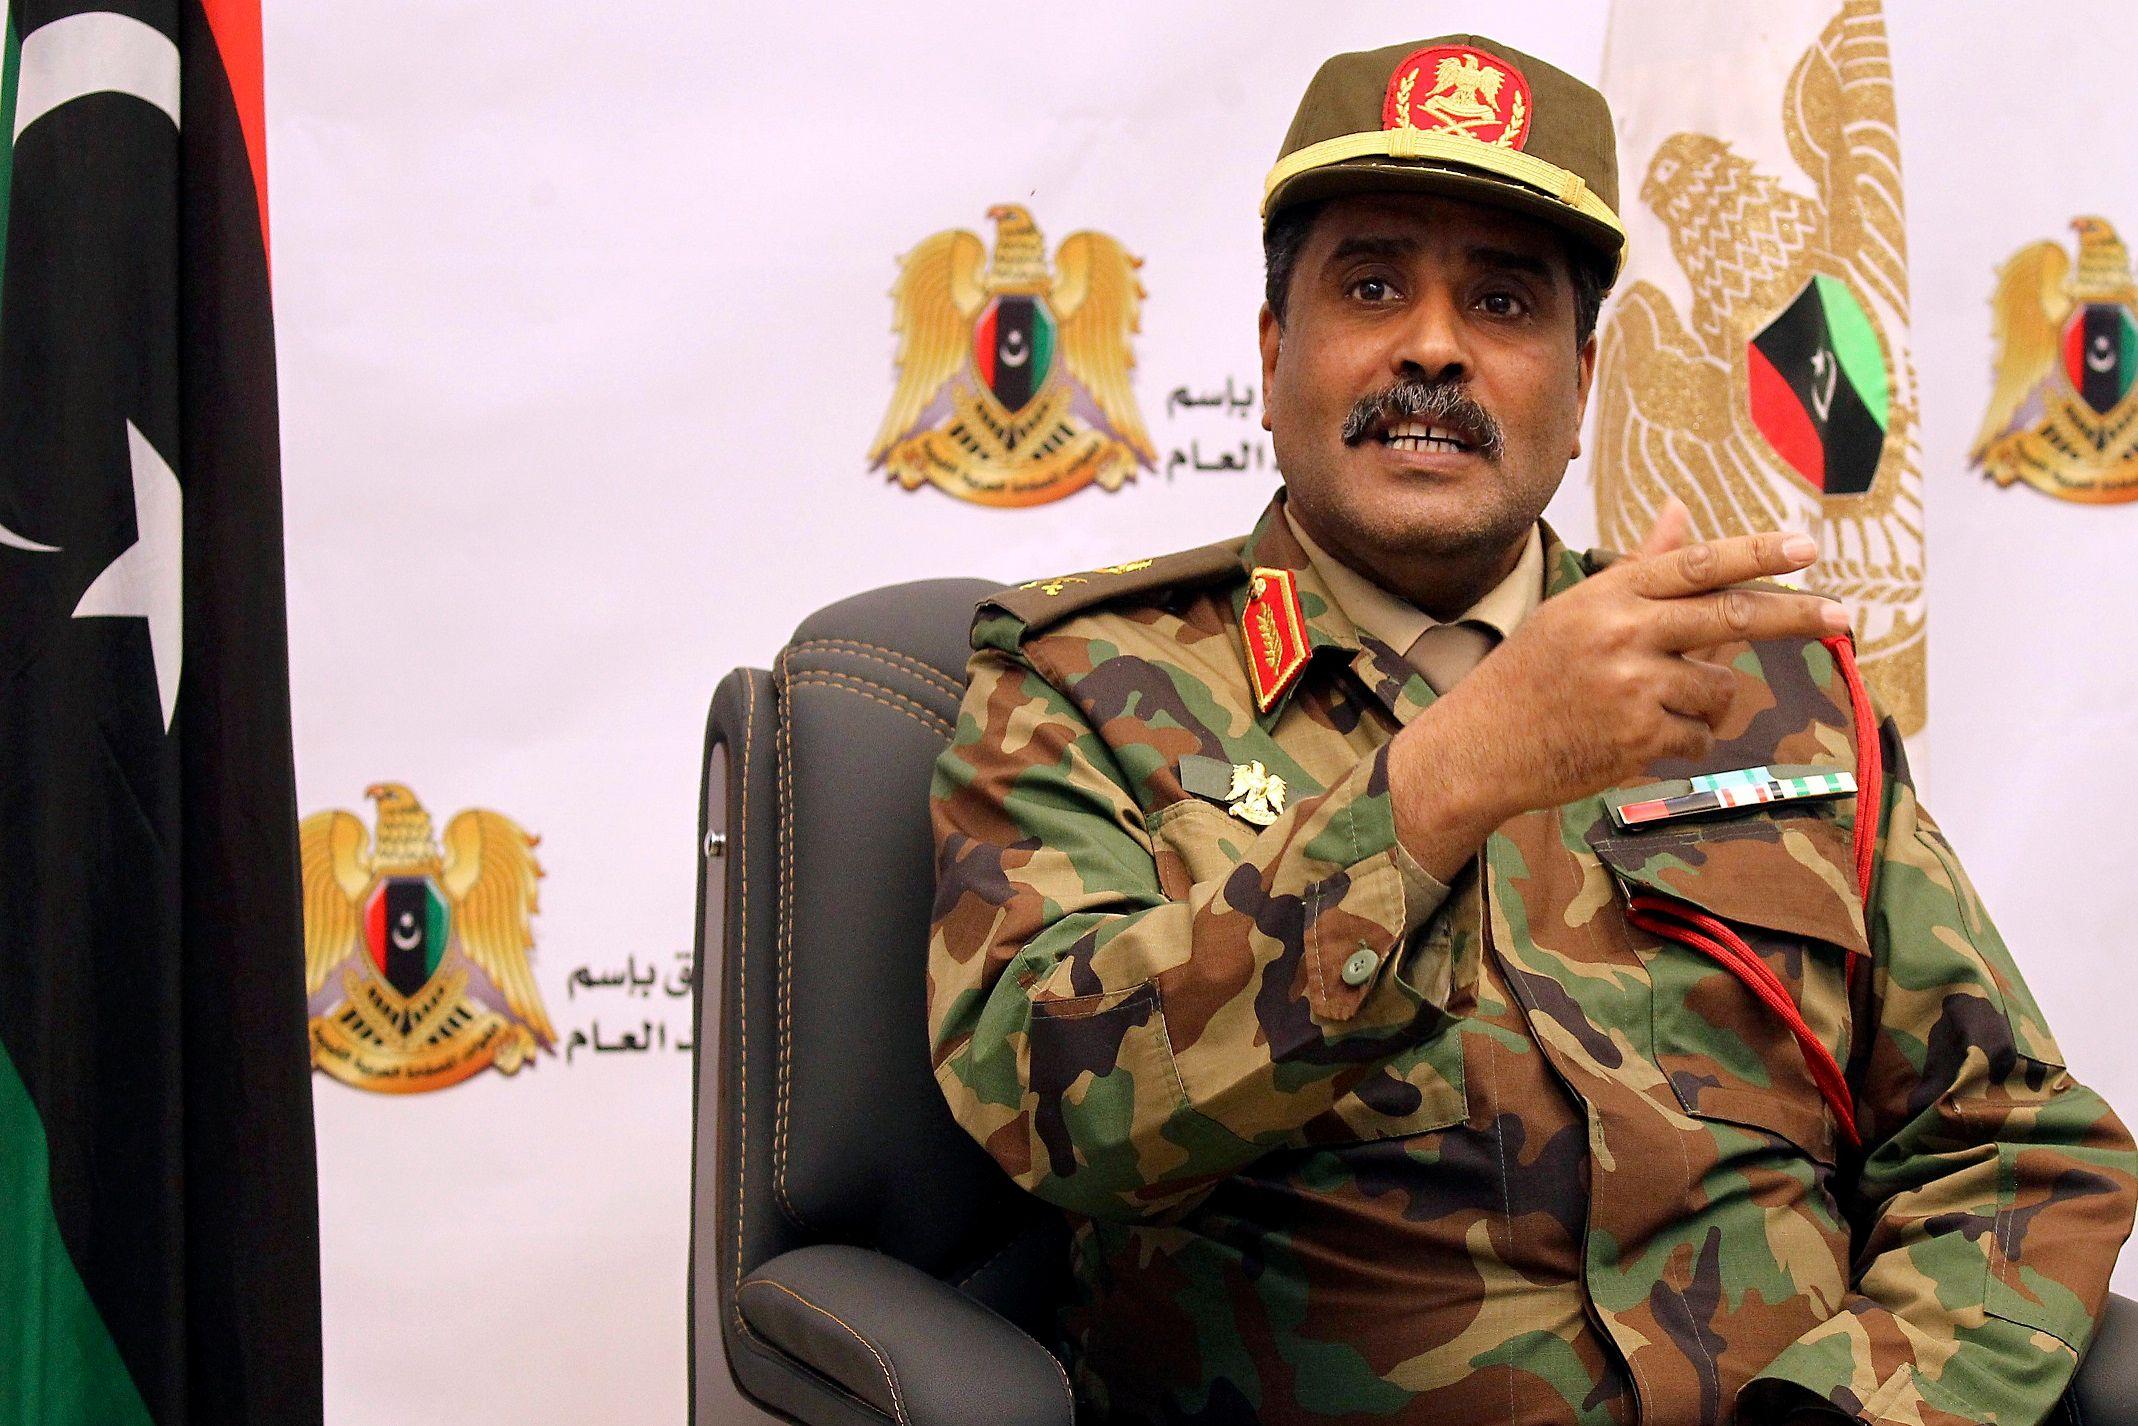 اللواء أحمد المسماري المتحدث الرسمي باسم الجيش الوطني